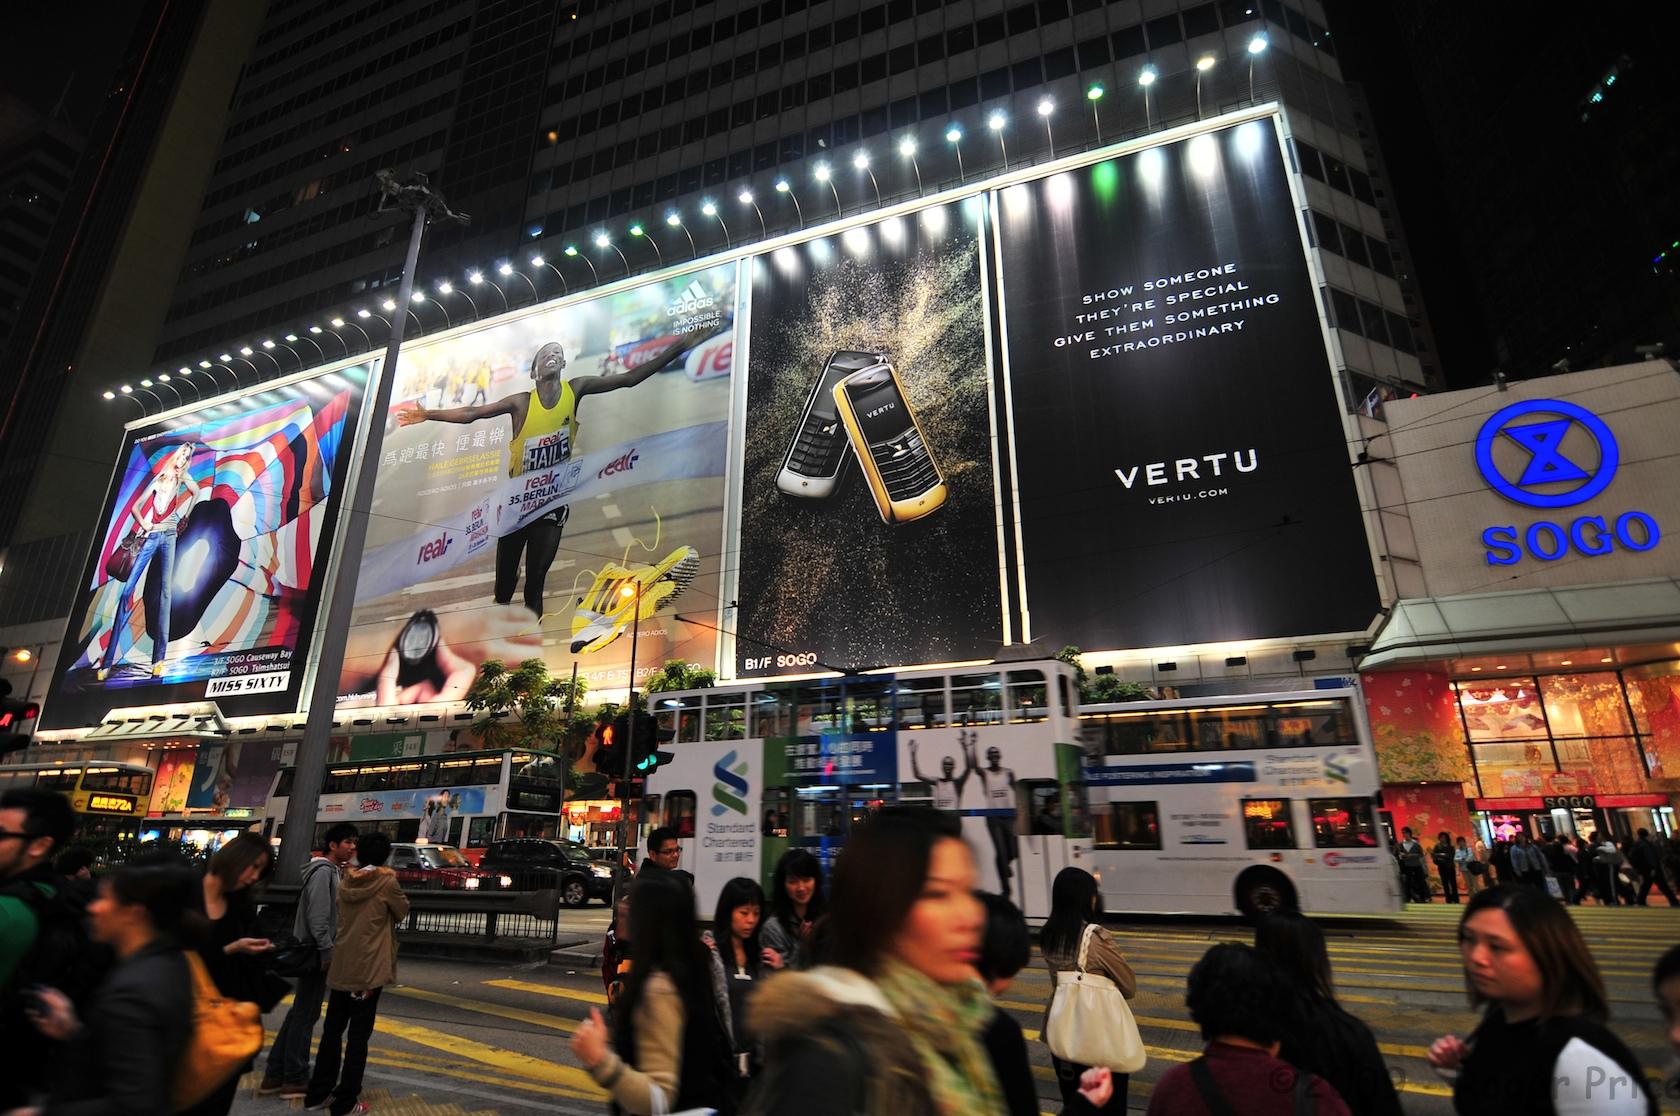 香港そごう - Wikipedia